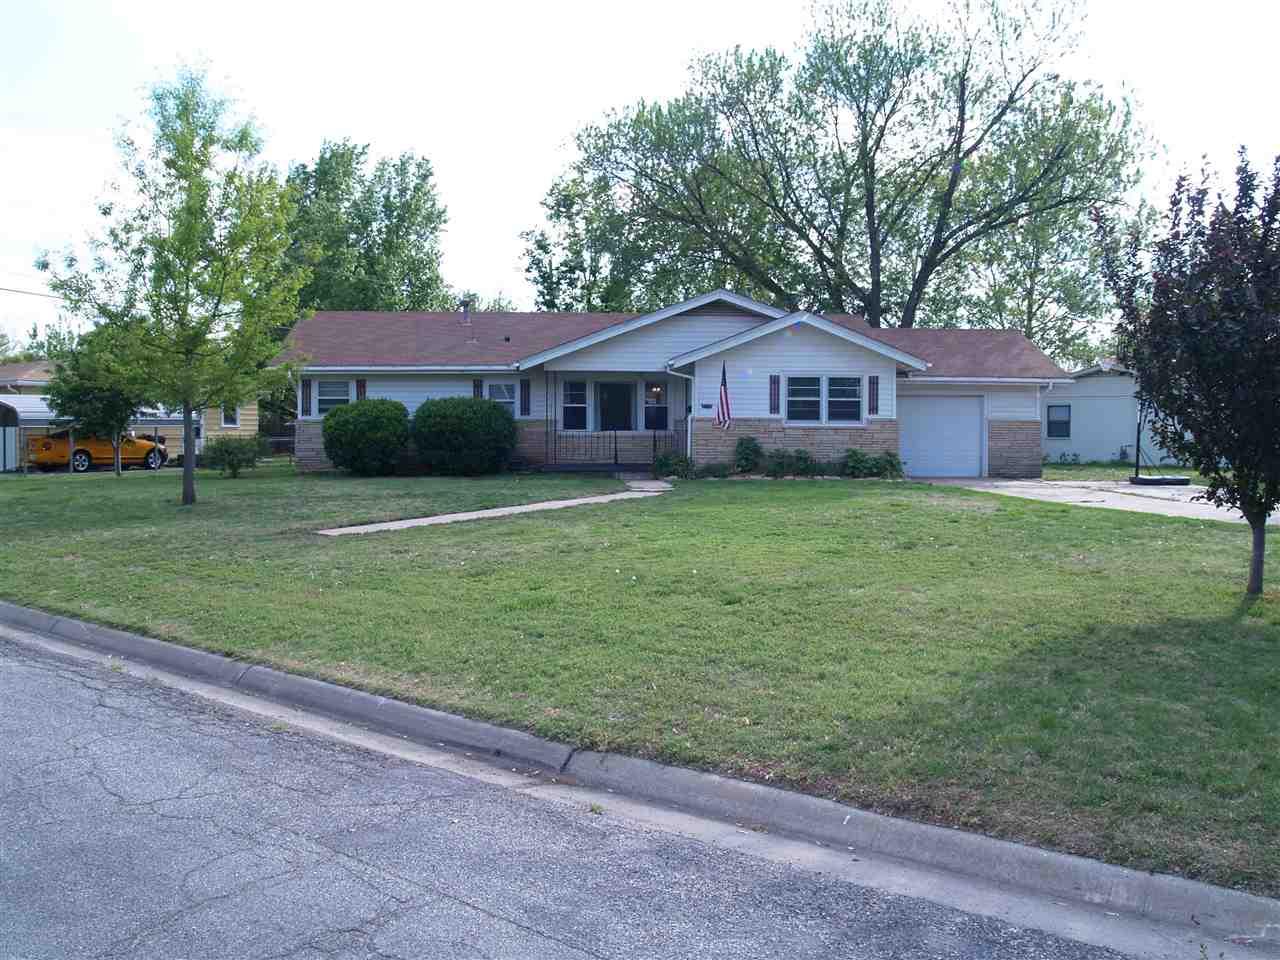 2119 E 51st St S, Wichita, KS 67216